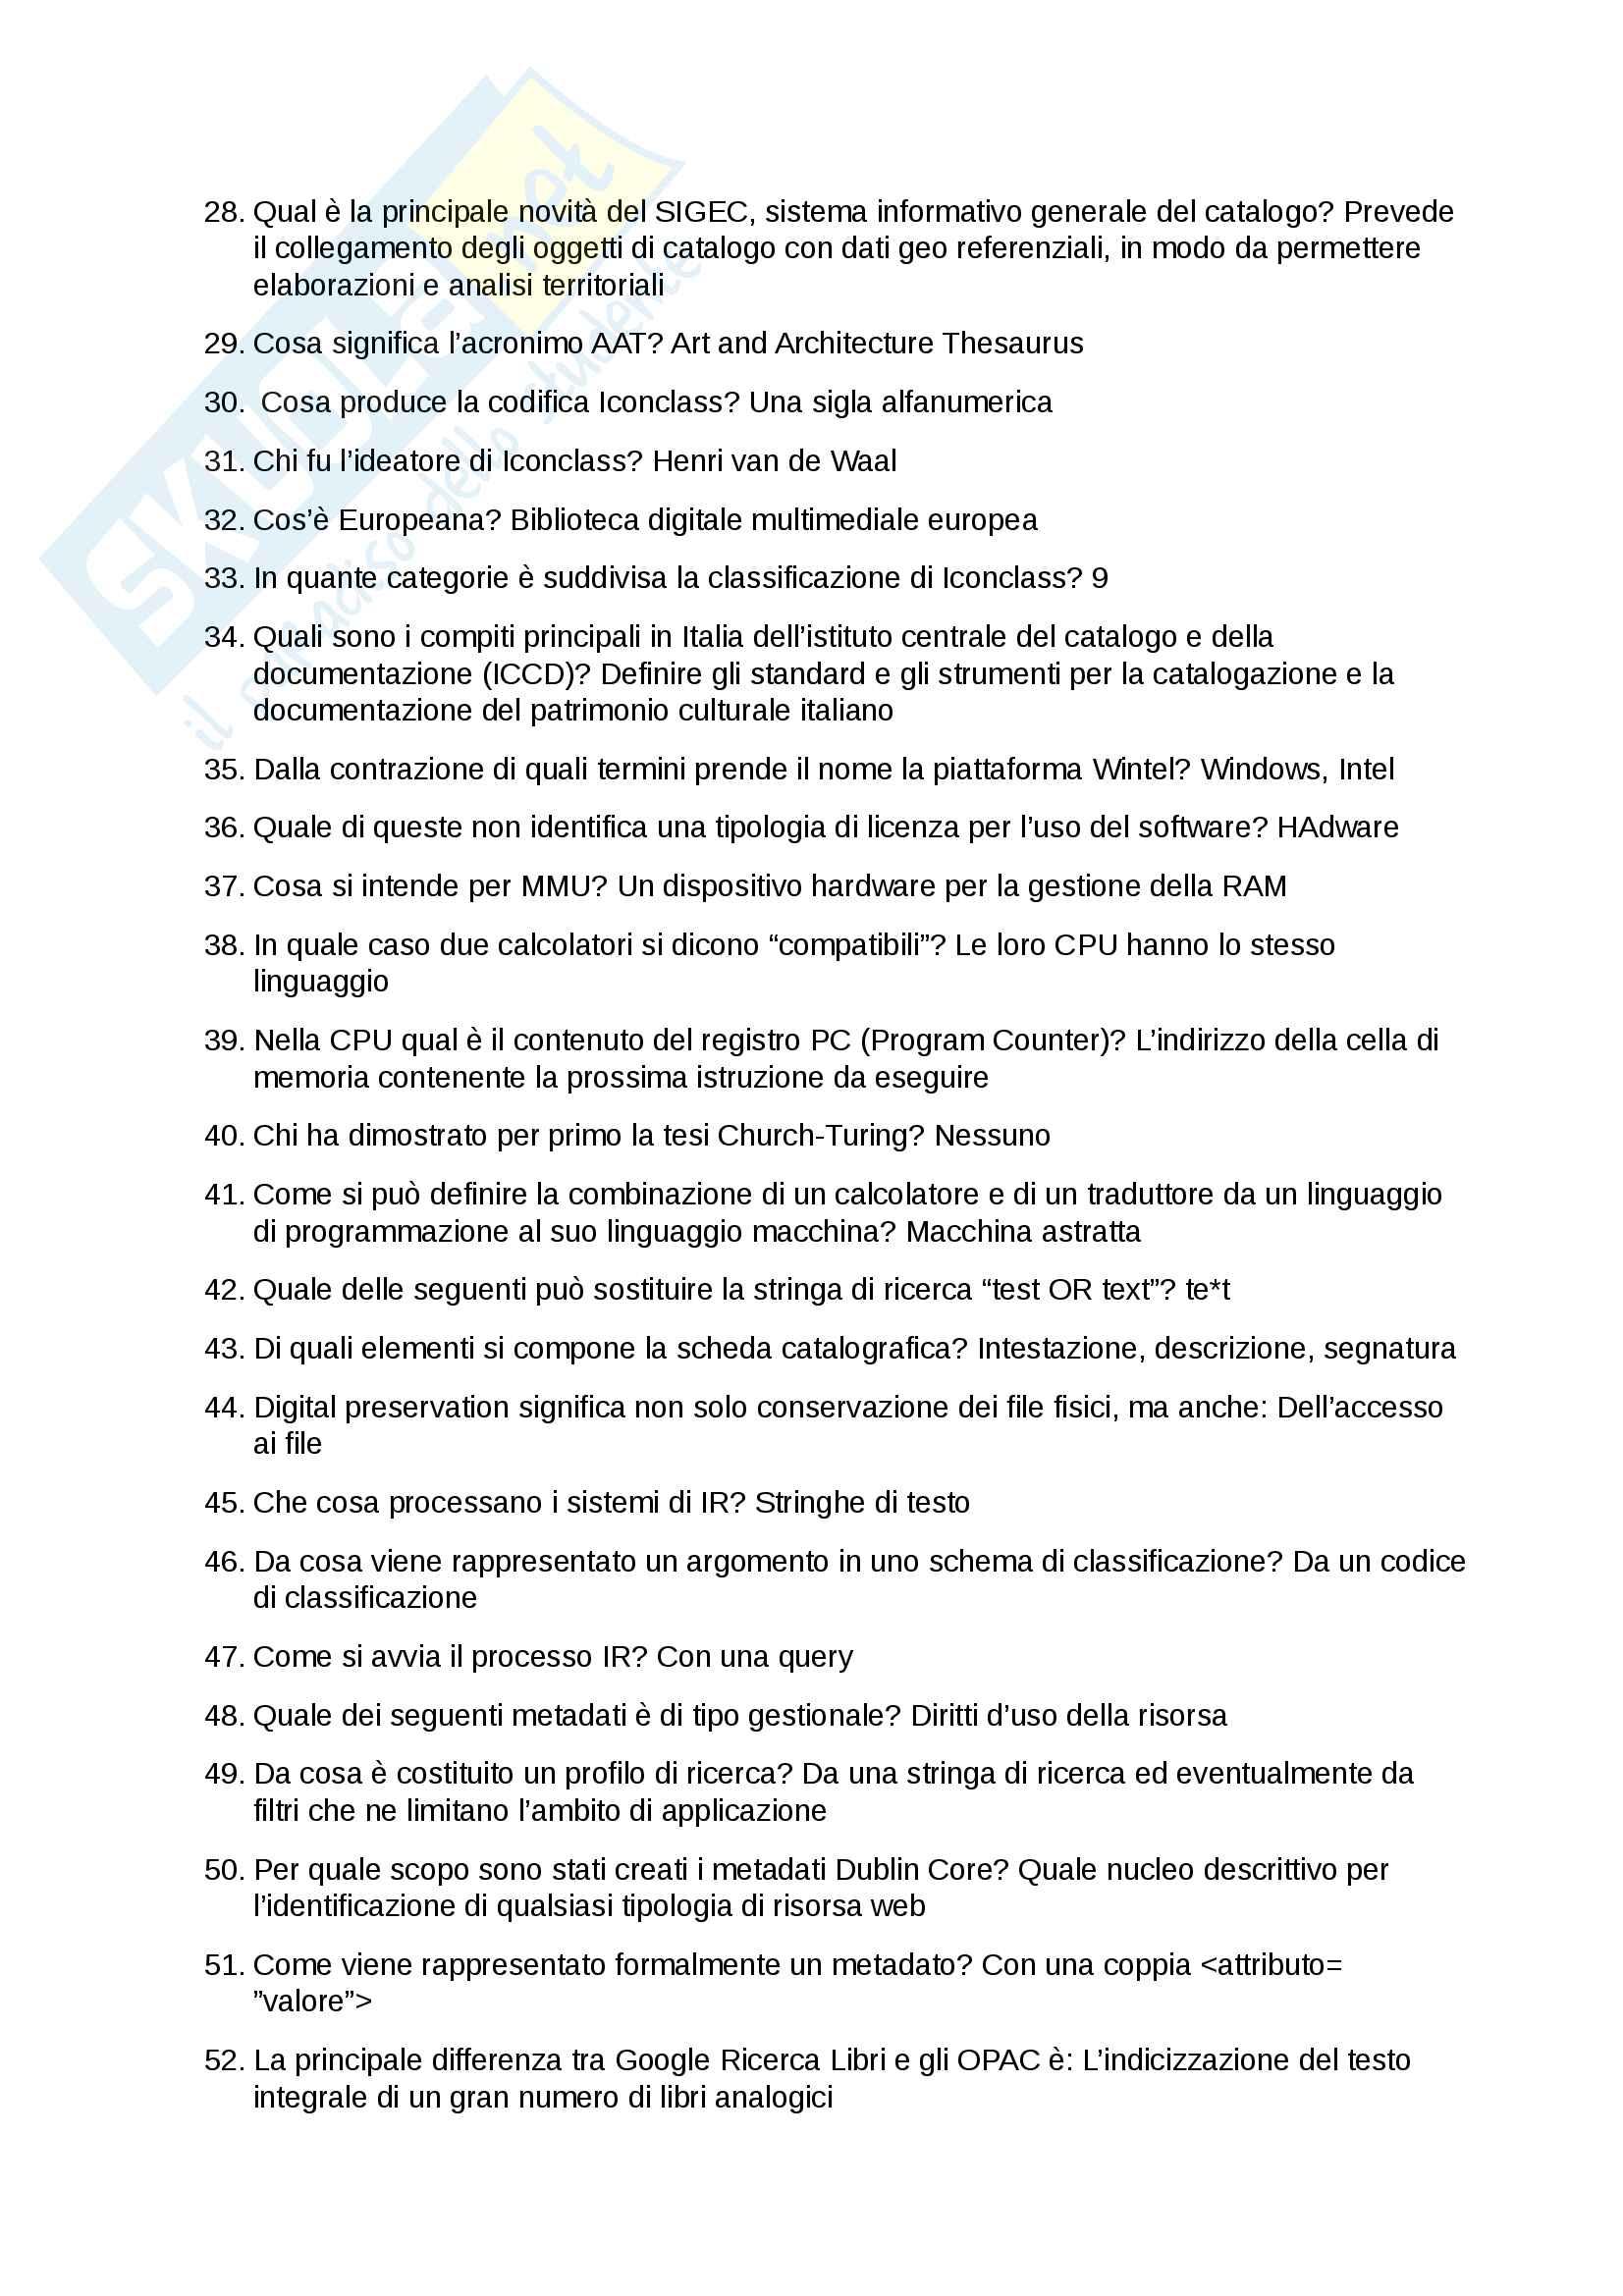 Appunti e Riassunto per l'esame Fondamenti di Informatica, prof. Cazzaniga Pag. 6